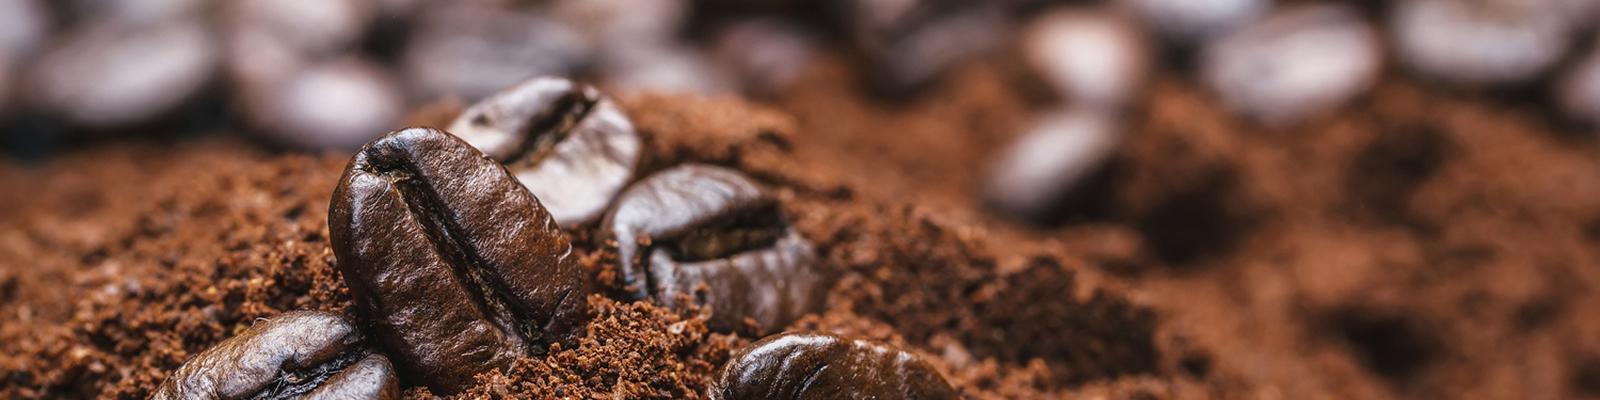 slide 3 - ogutulmus kahve